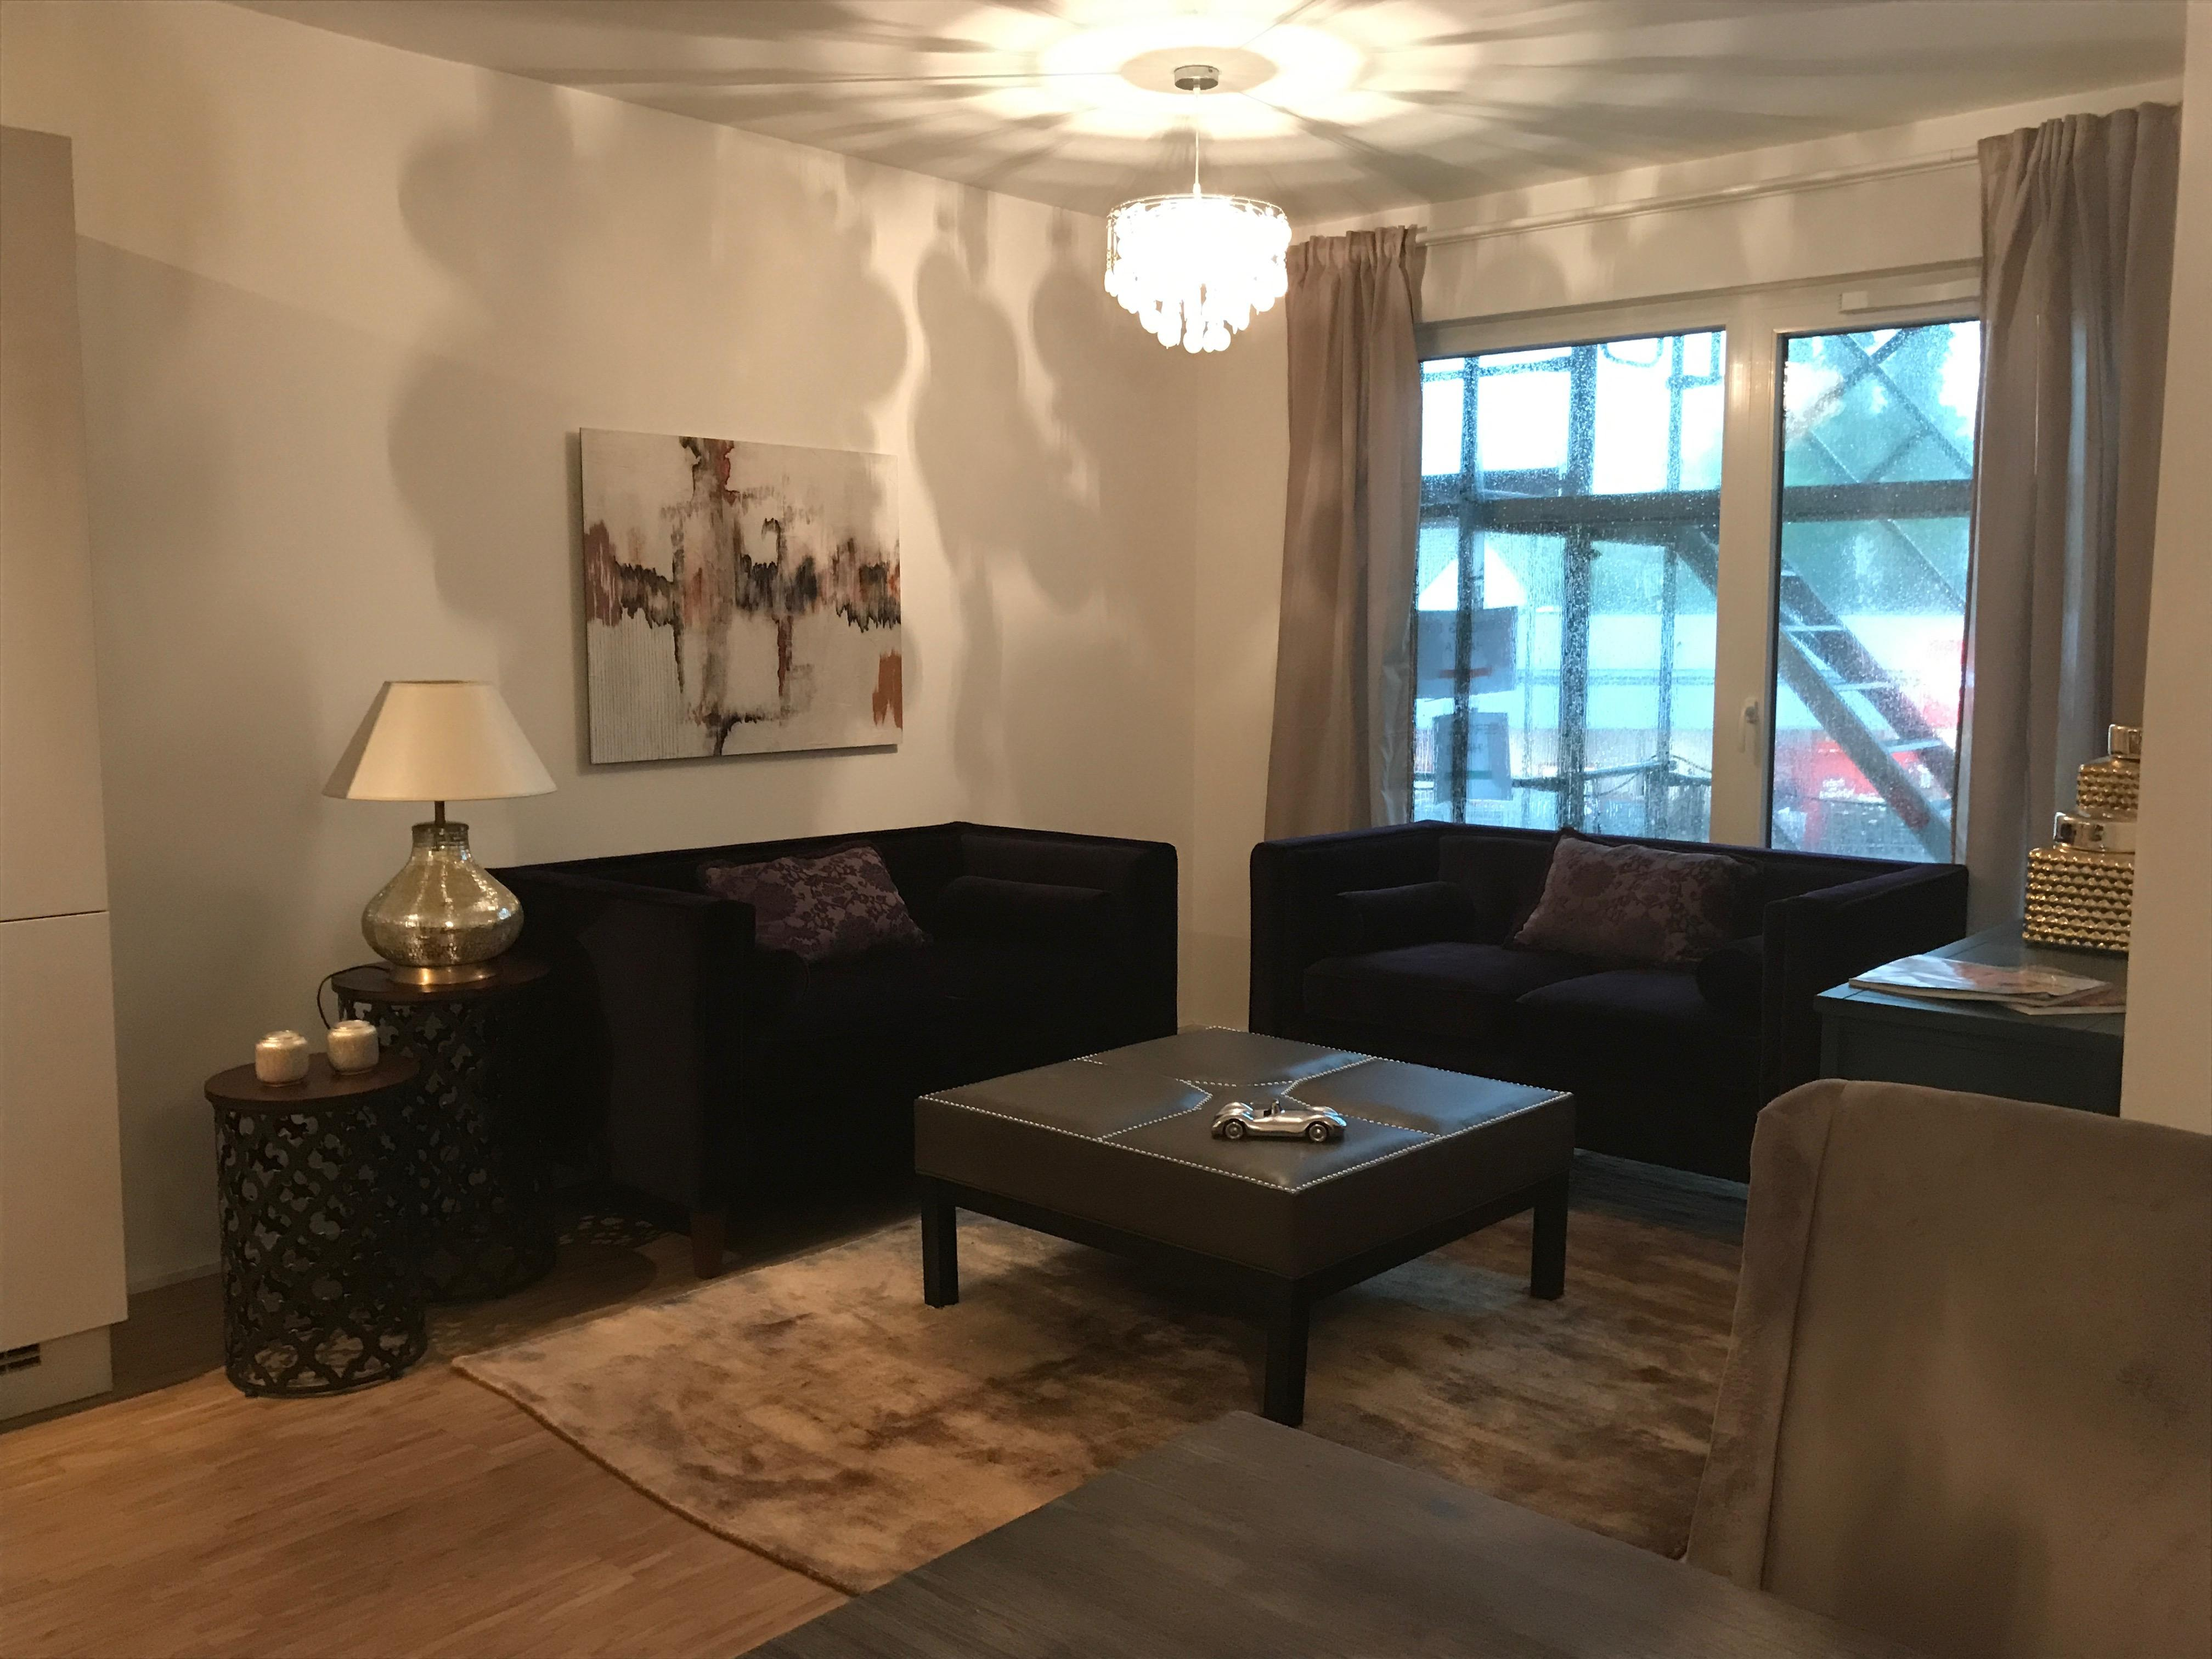 Wohnzimmer Dunkel Und Schwarz Sofa Miracle Room With Graue Couch Welche  Wandfarbe Passt.